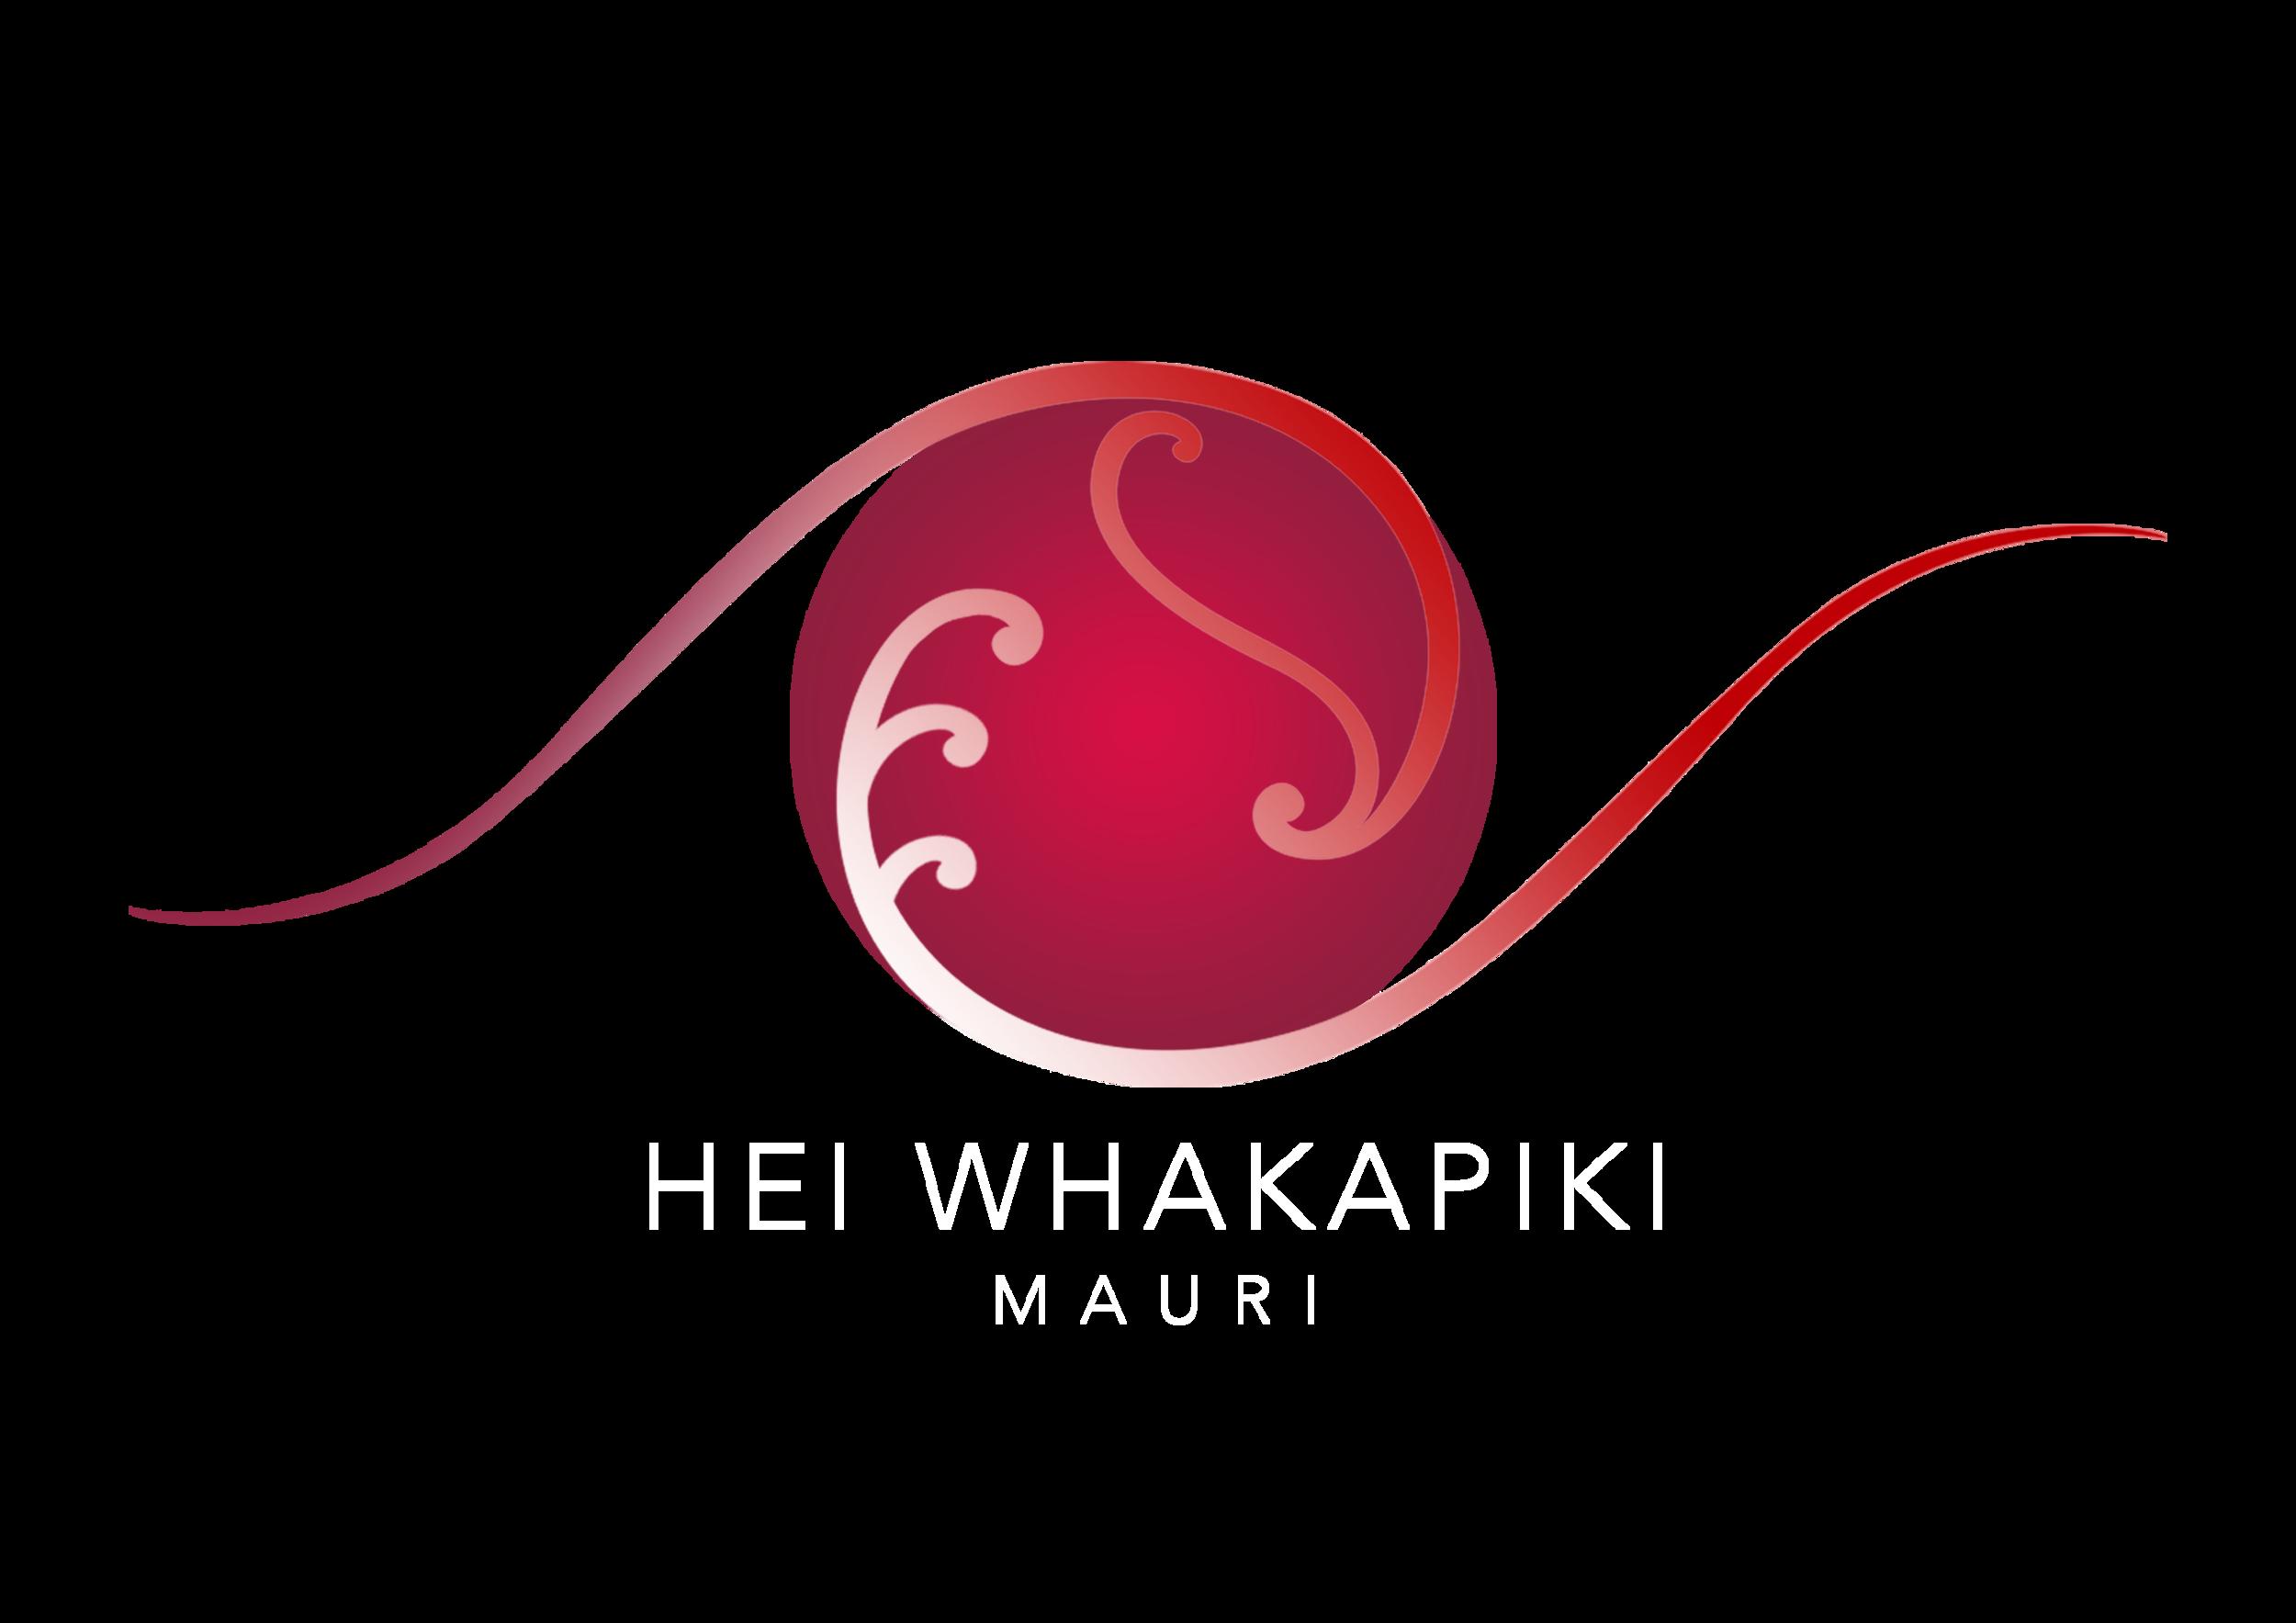 Hei Whakapiki Mauri Logo